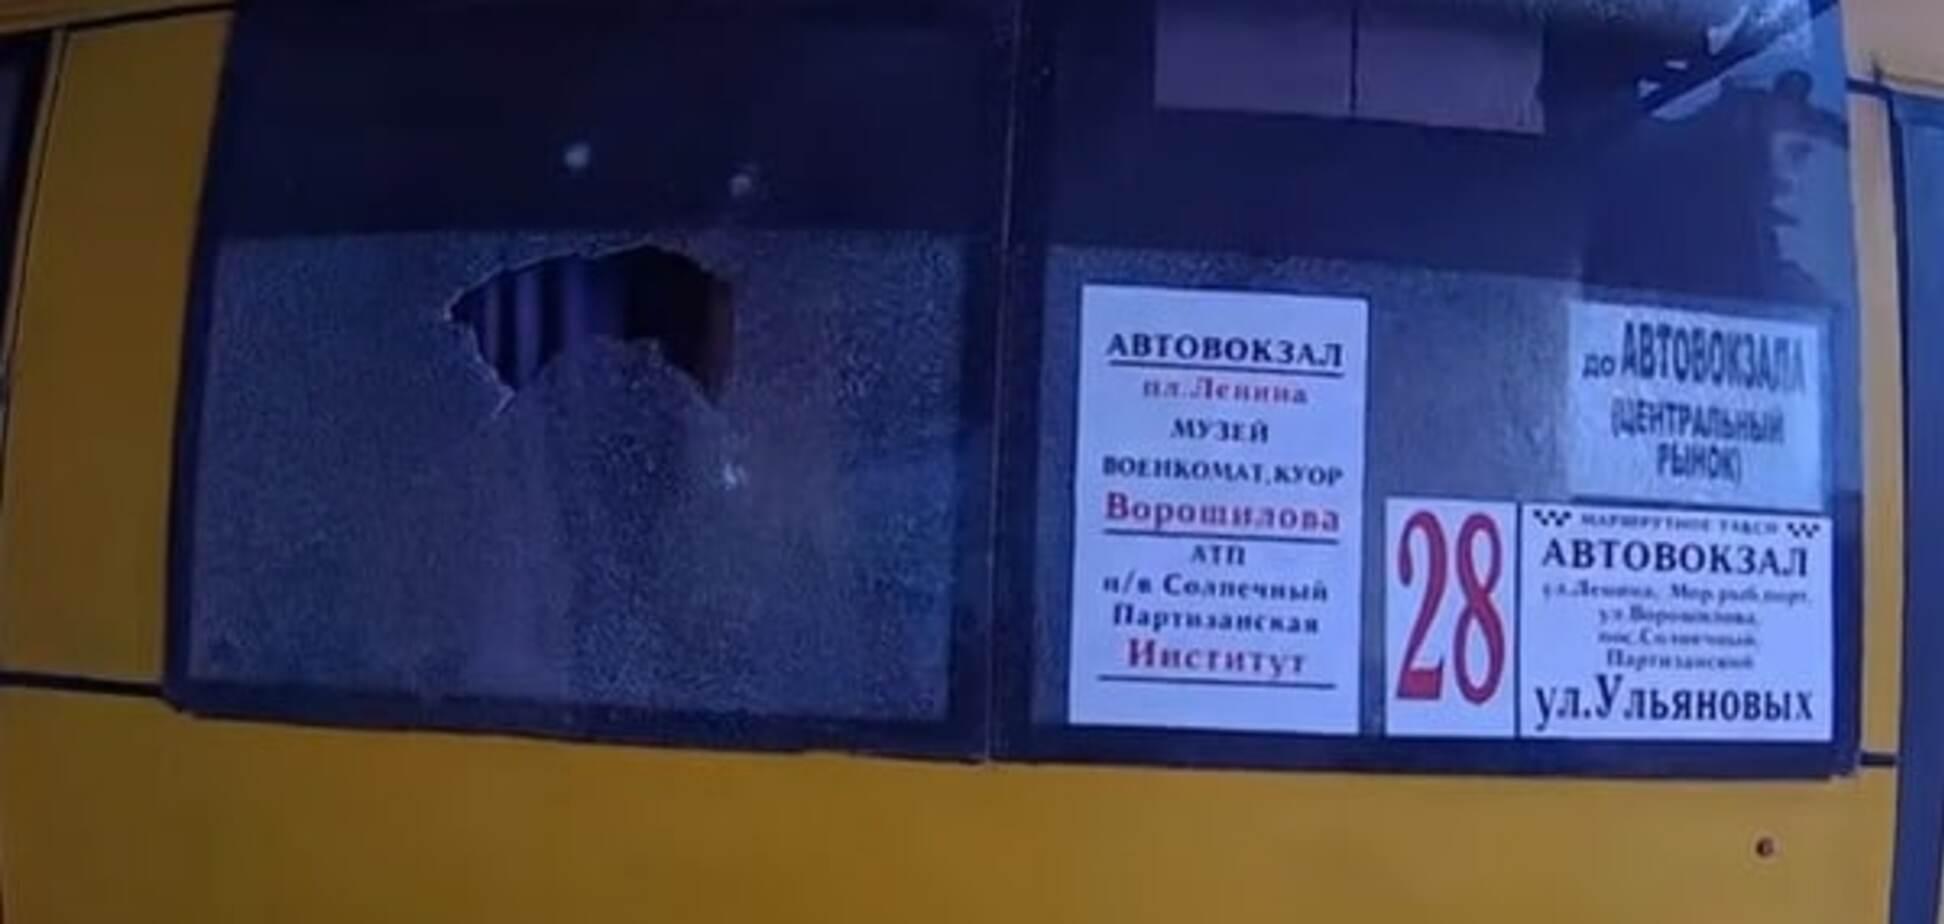 В оккупированном Крыму обстреляли маршрутку: опубликовано видео